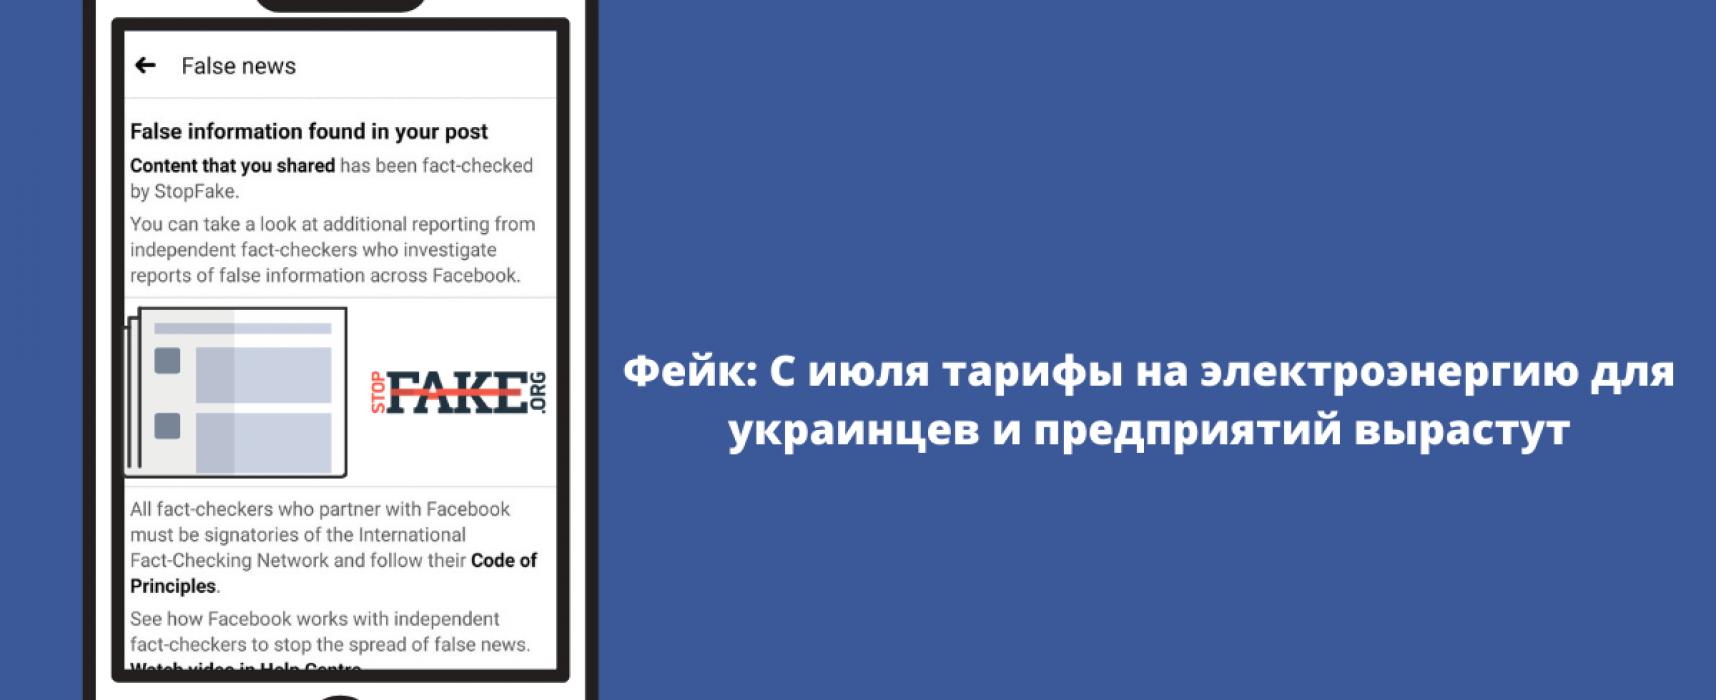 Фейк: Із липня тарифи на електроенергію для українців і підприємств зростуть